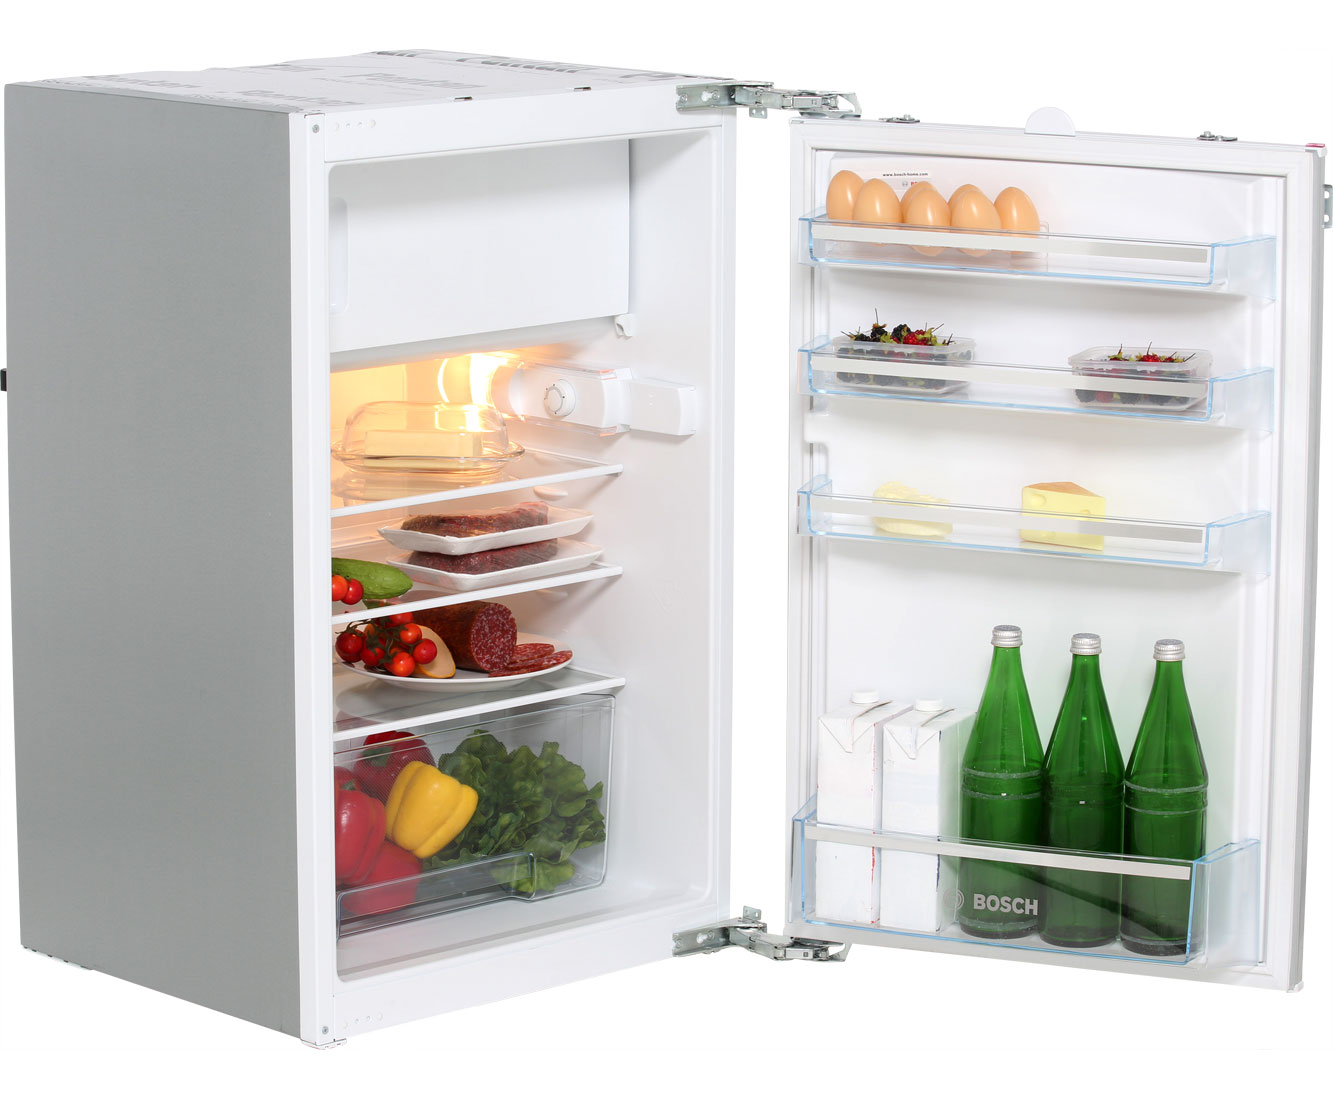 Mini Kühlschrank Bosch : Bosch serie kil v einbau kühlschrank mit gefrierfach er